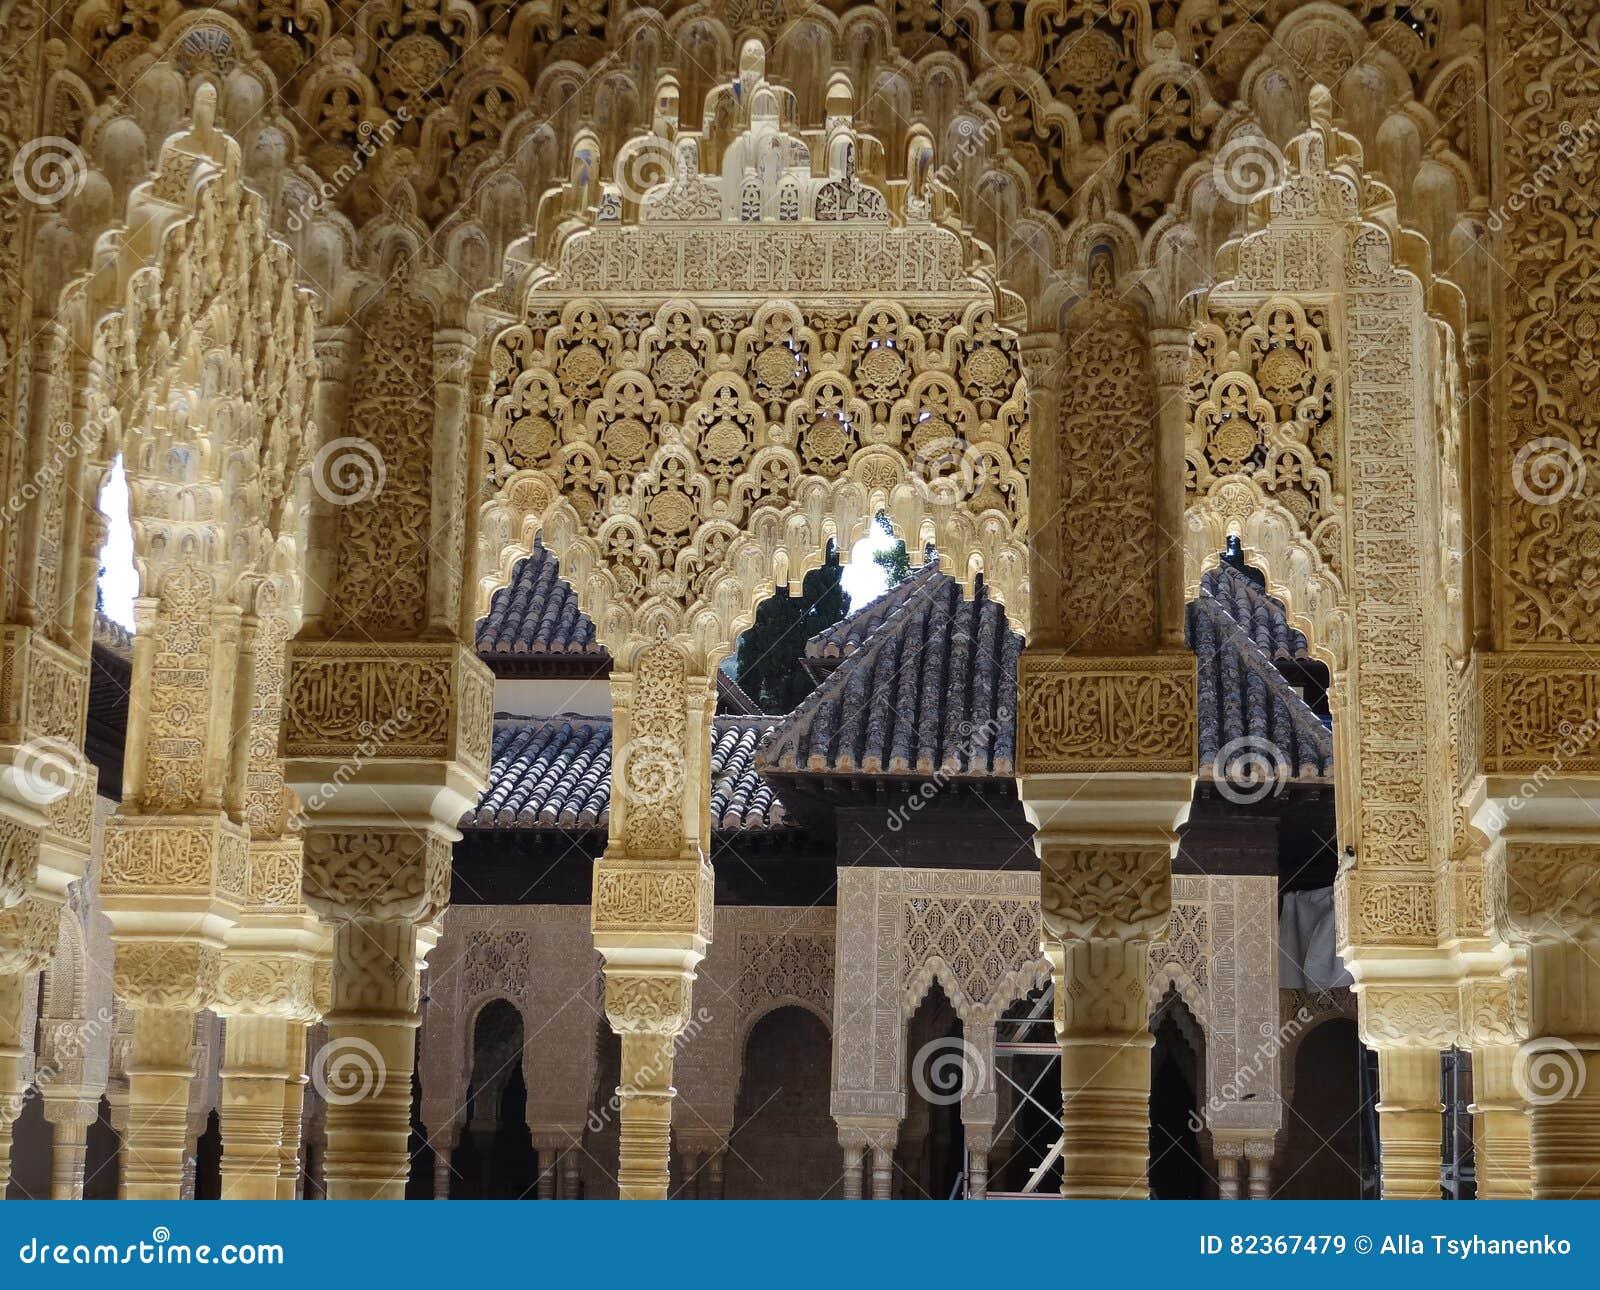 Patio De Los Leones In Alhambra Granada Spain Editorial Stock